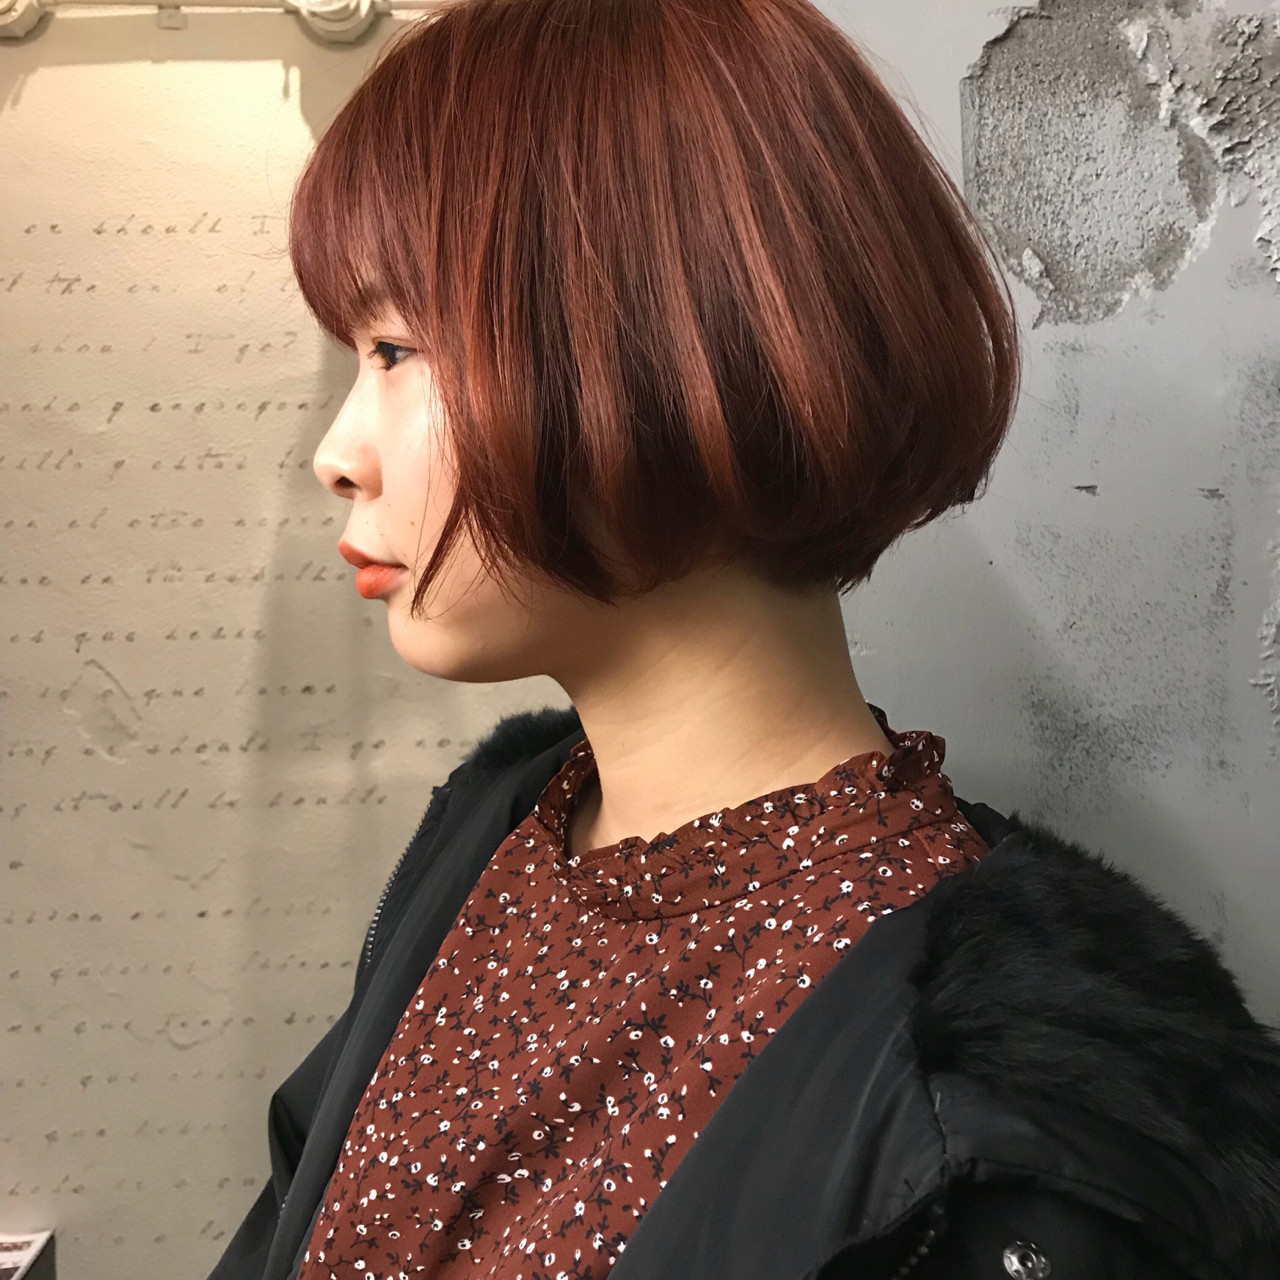 レッド 抜け感 ボブ モード ヘアスタイルや髪型の写真・画像